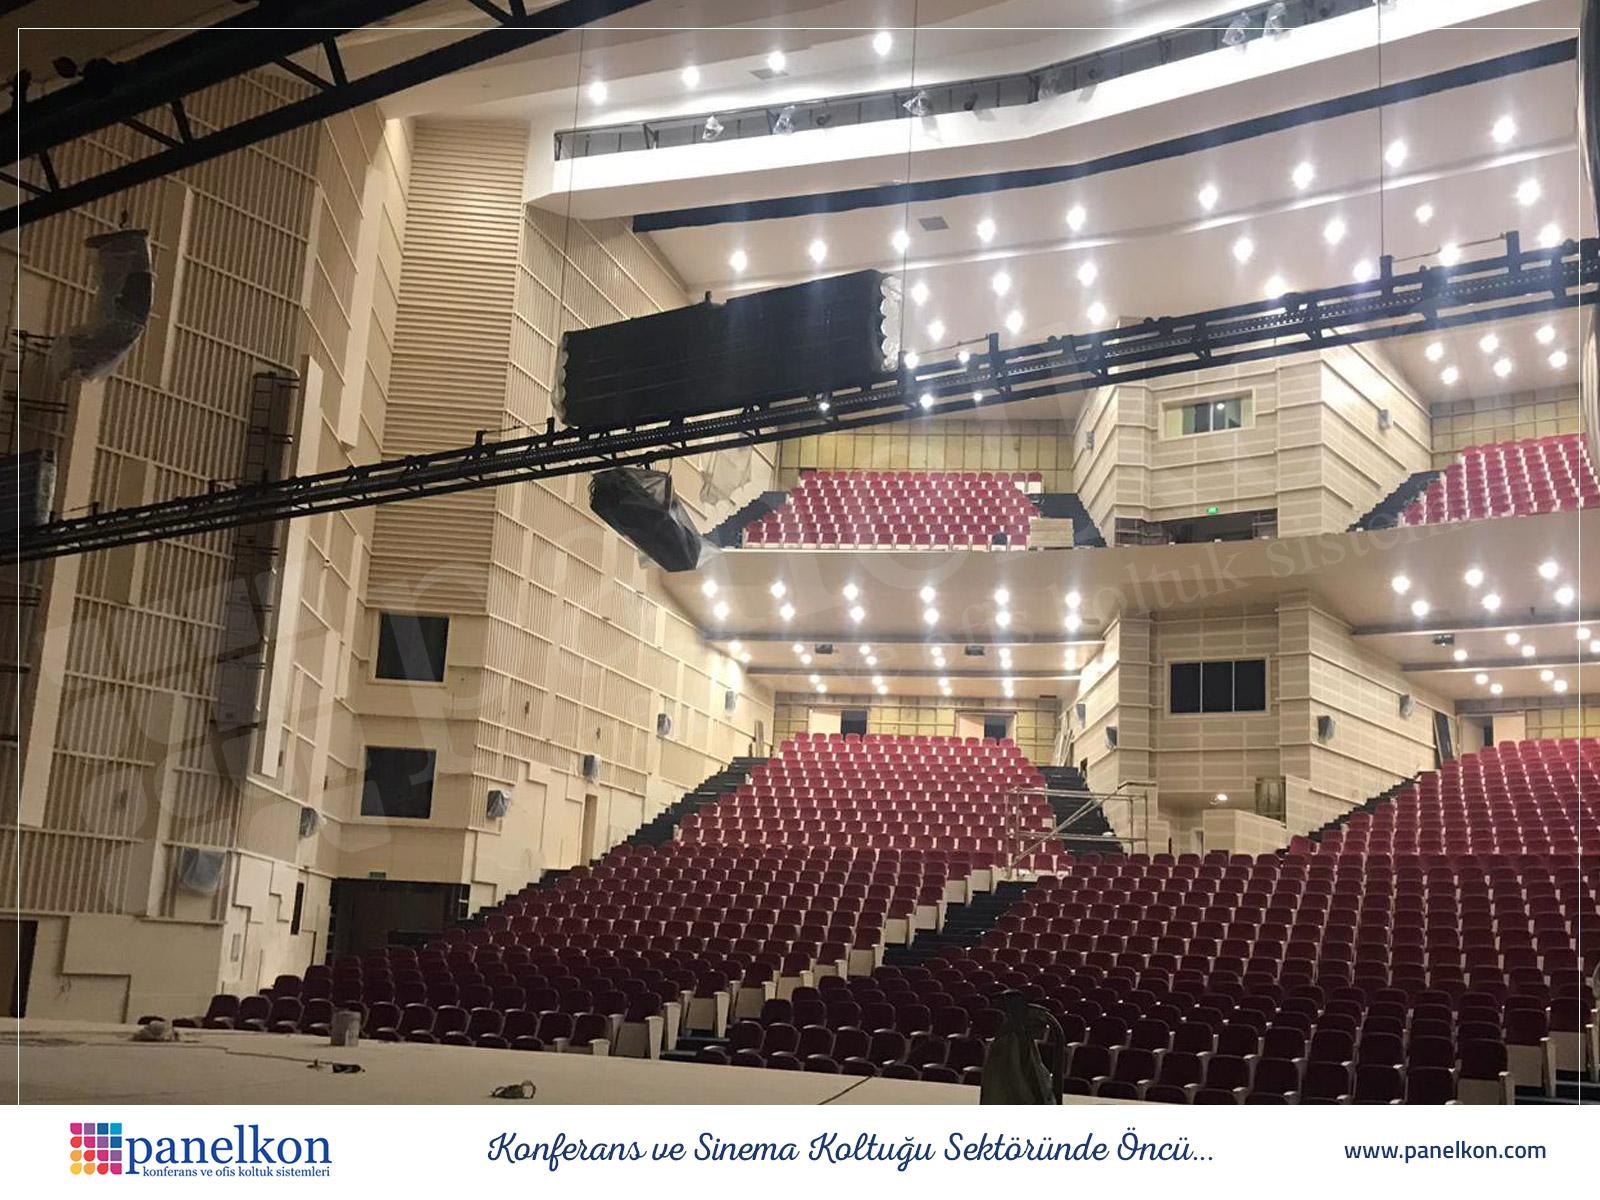 kayseri-kültür-merkezi-konferans-salonu-koltuklari-6